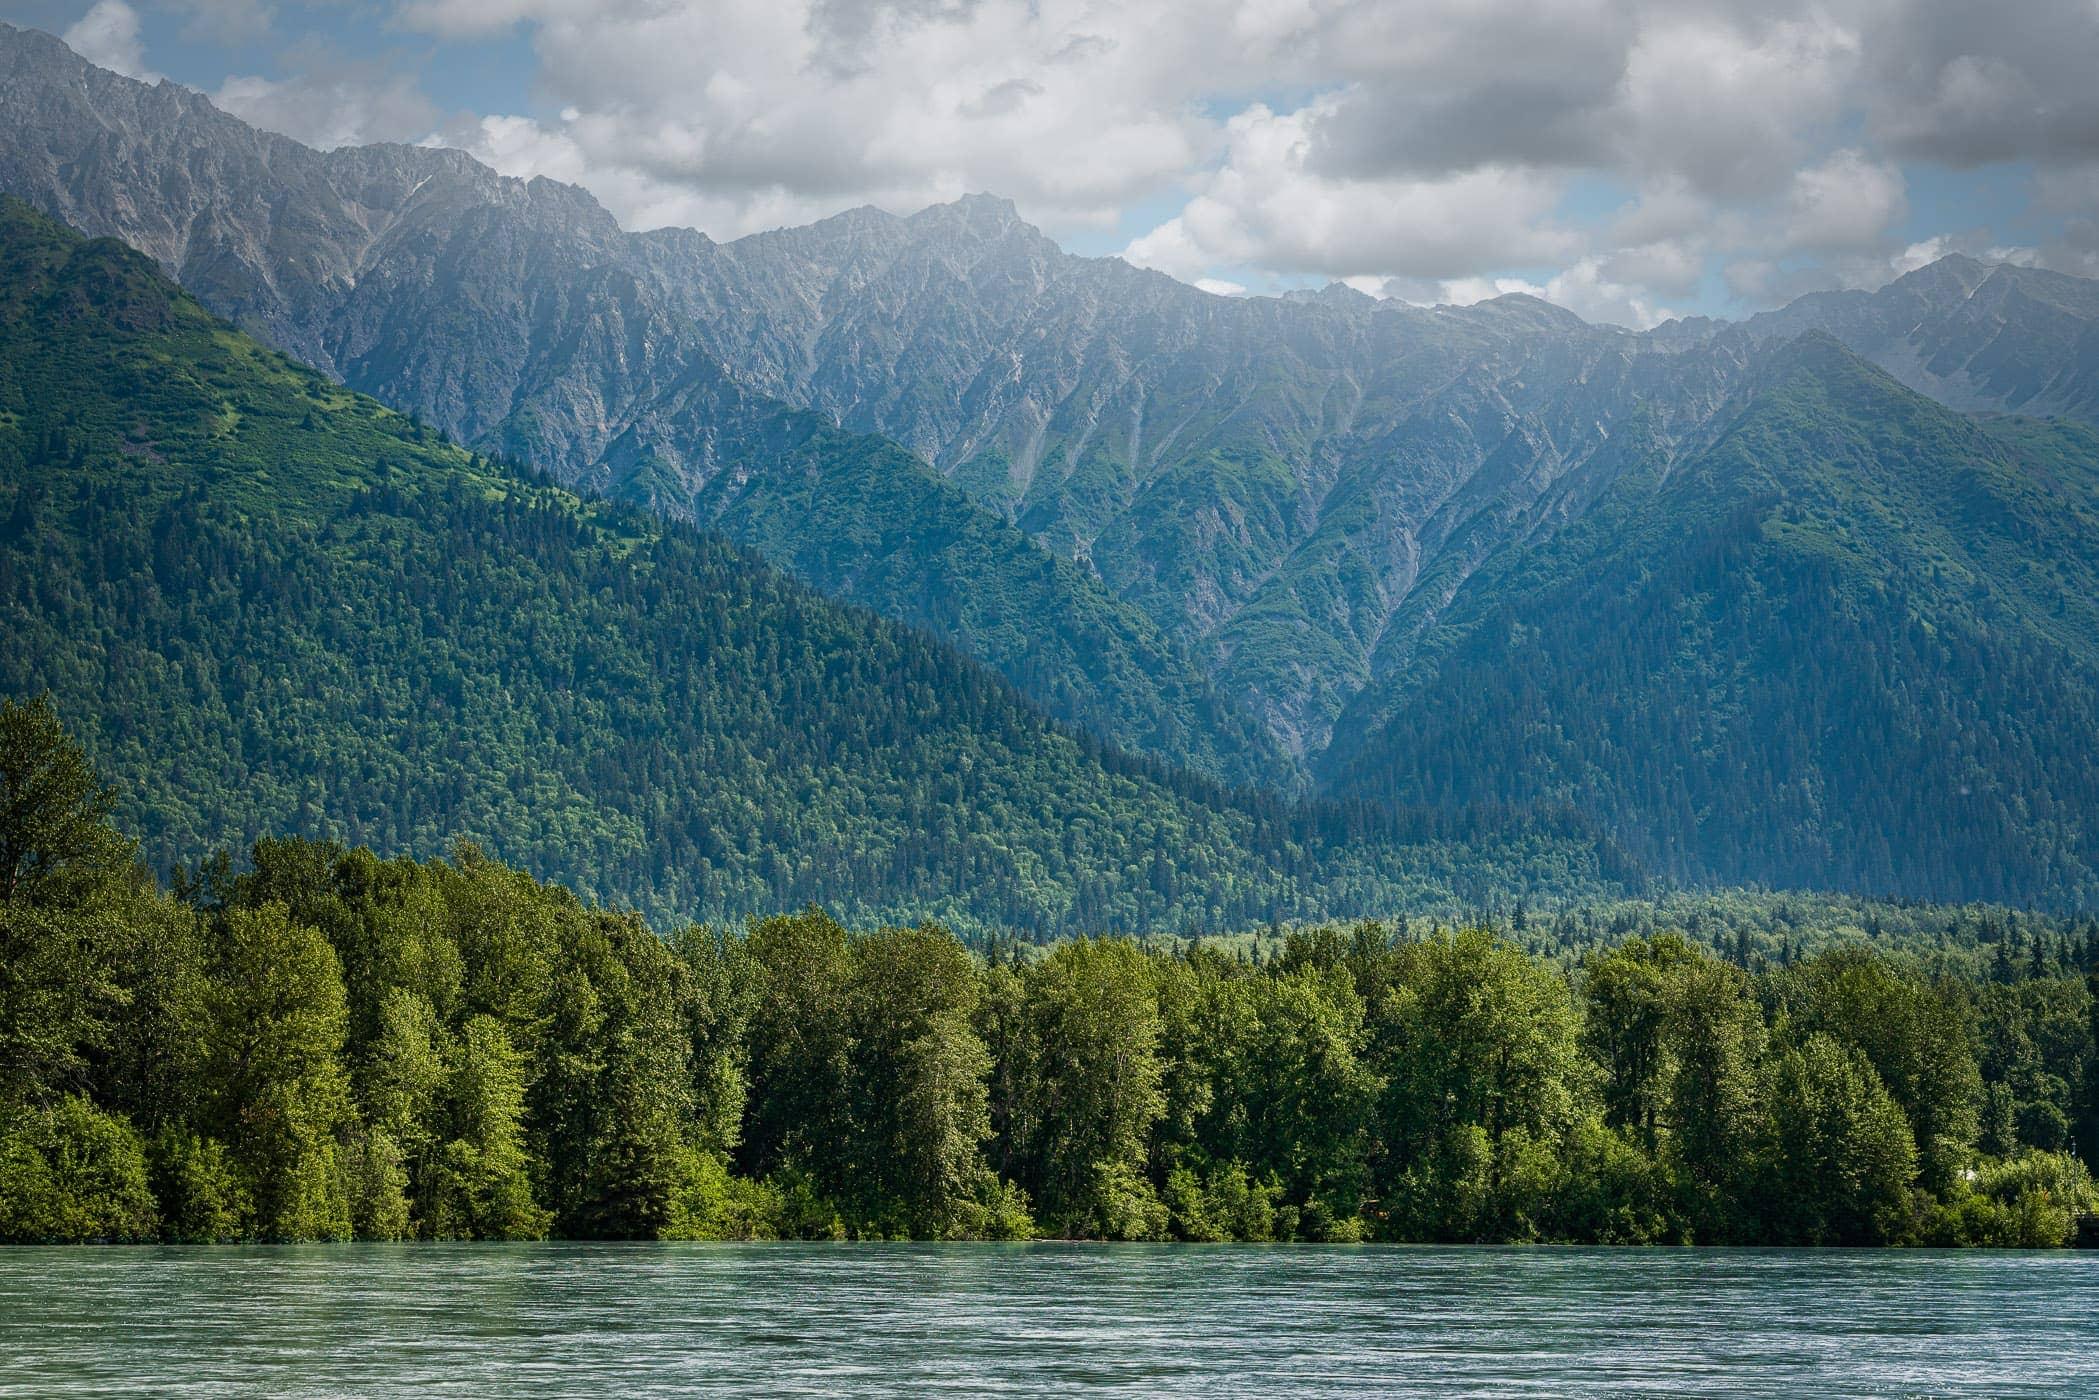 Haze obscures the mountainous landscape along the Chilkat River near Haines, Alaska.